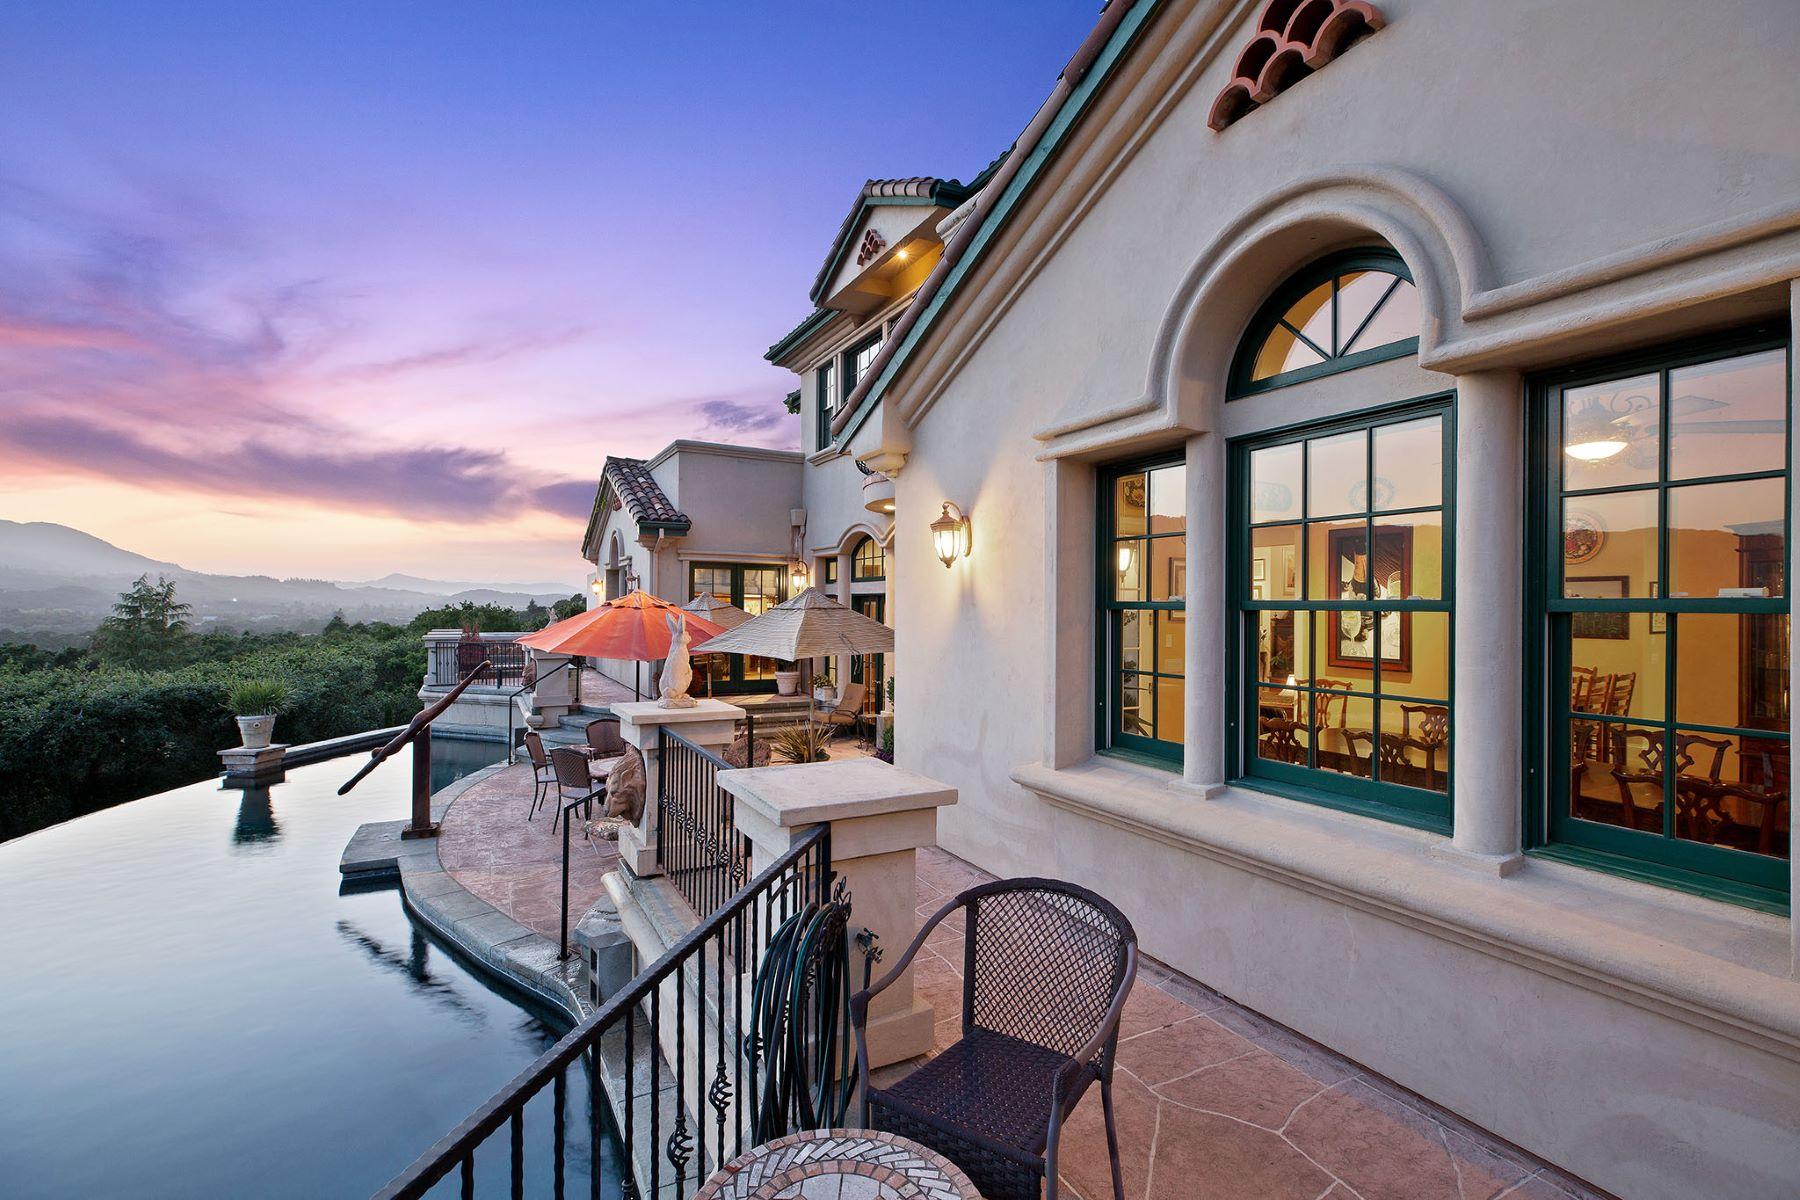 Single Family Homes por un Venta en Mediterranean Villa With Sweeping Views 405 London Way Sonoma, California 95476 Estados Unidos